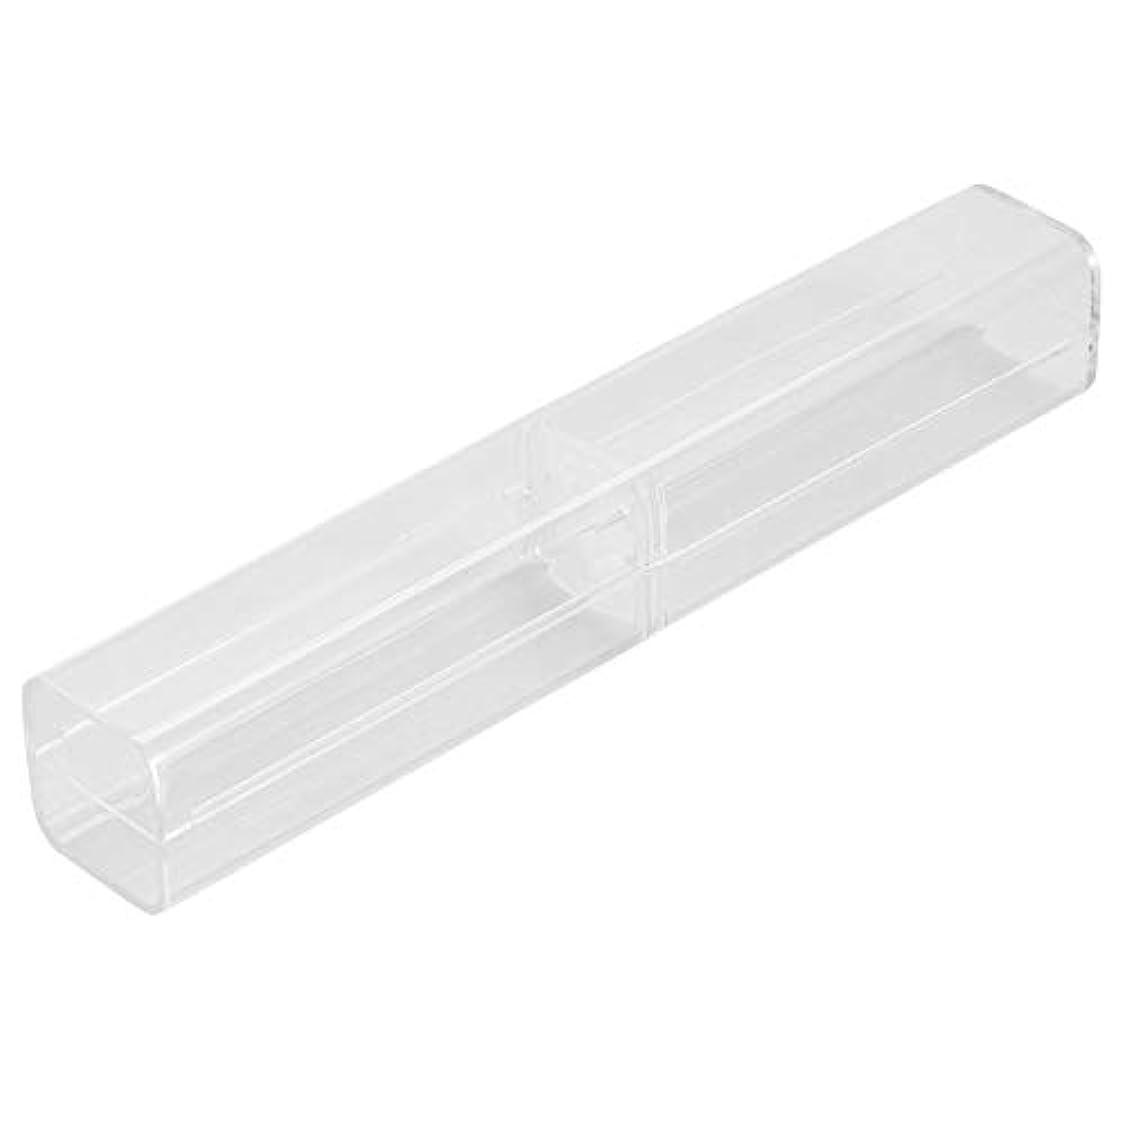 荒廃するを除くフィヨルド1ピース収納ボックス - 手動ペン眉毛タトゥークリアケース透明収納ボックス、収納ボックス - タトゥーコンテナ